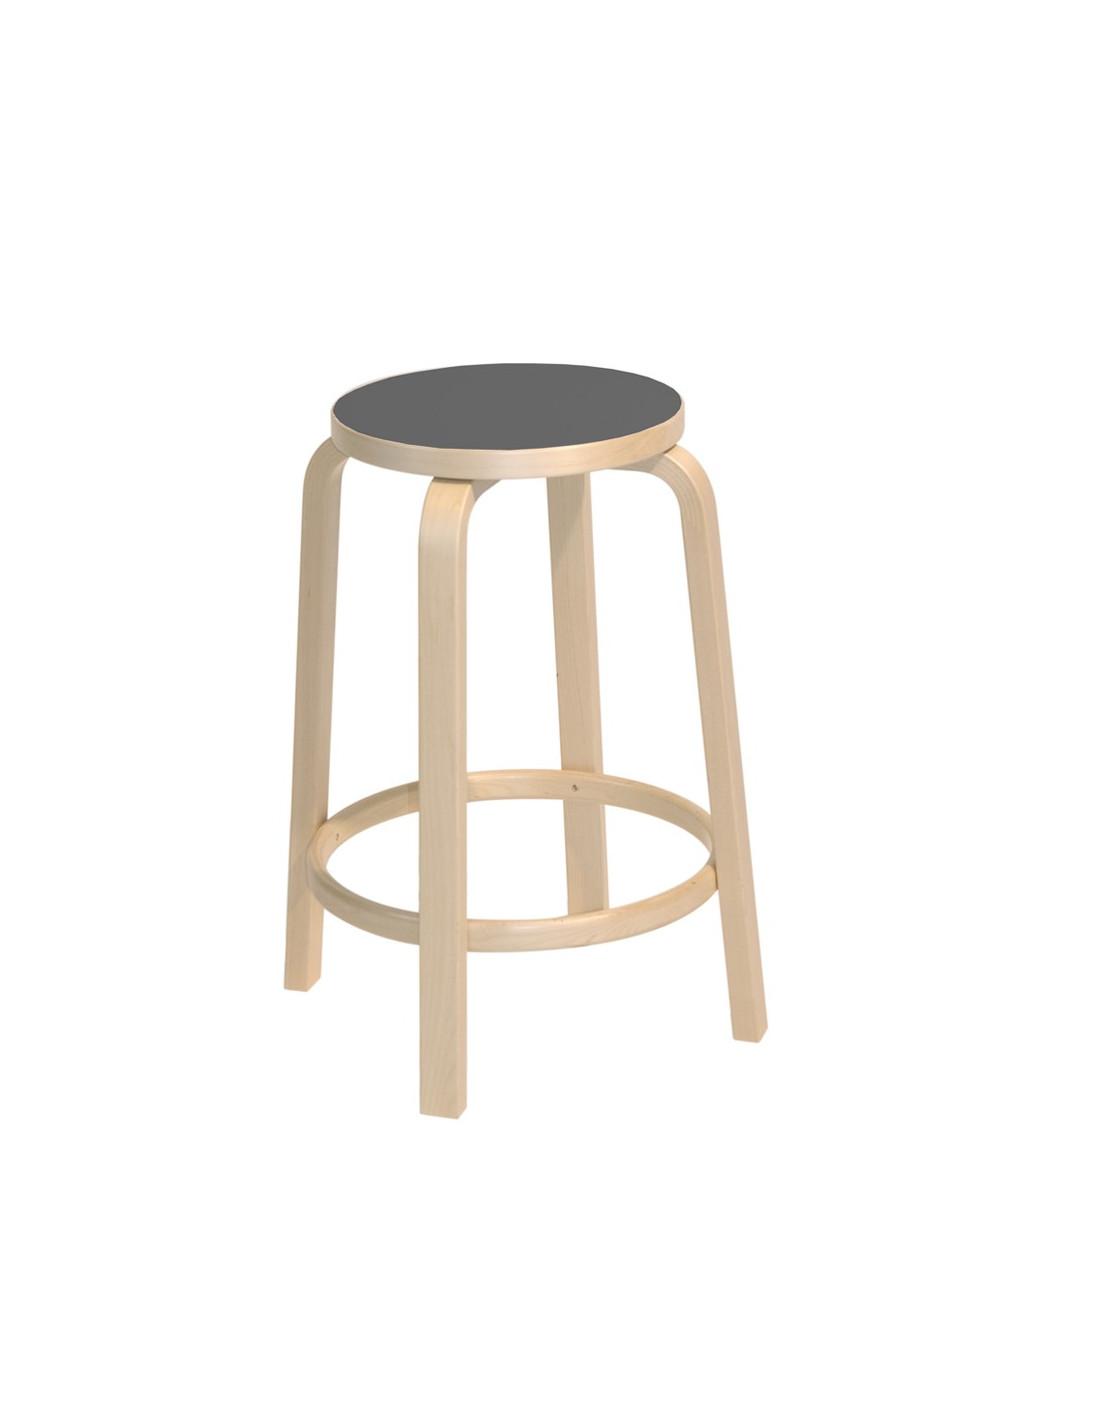 Tabouret De Bar 64 Design Alvar Aalto Pour Artek La Boutique Danoise